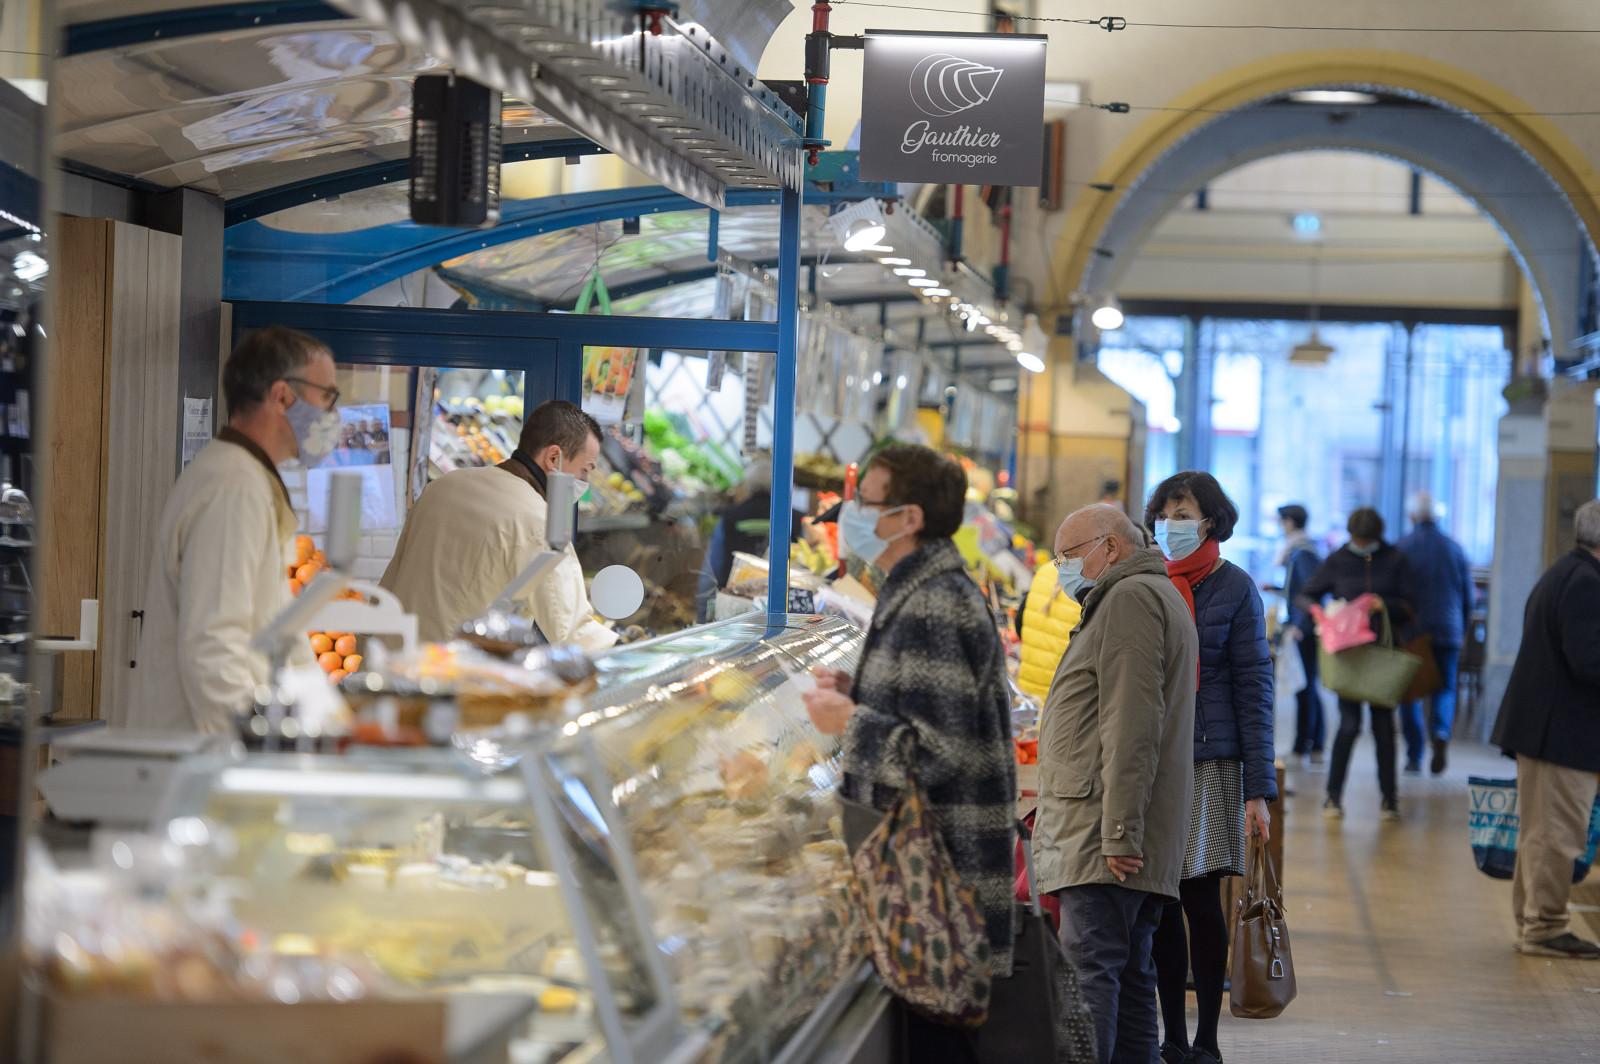 Dans les Halles marché central à Rennes